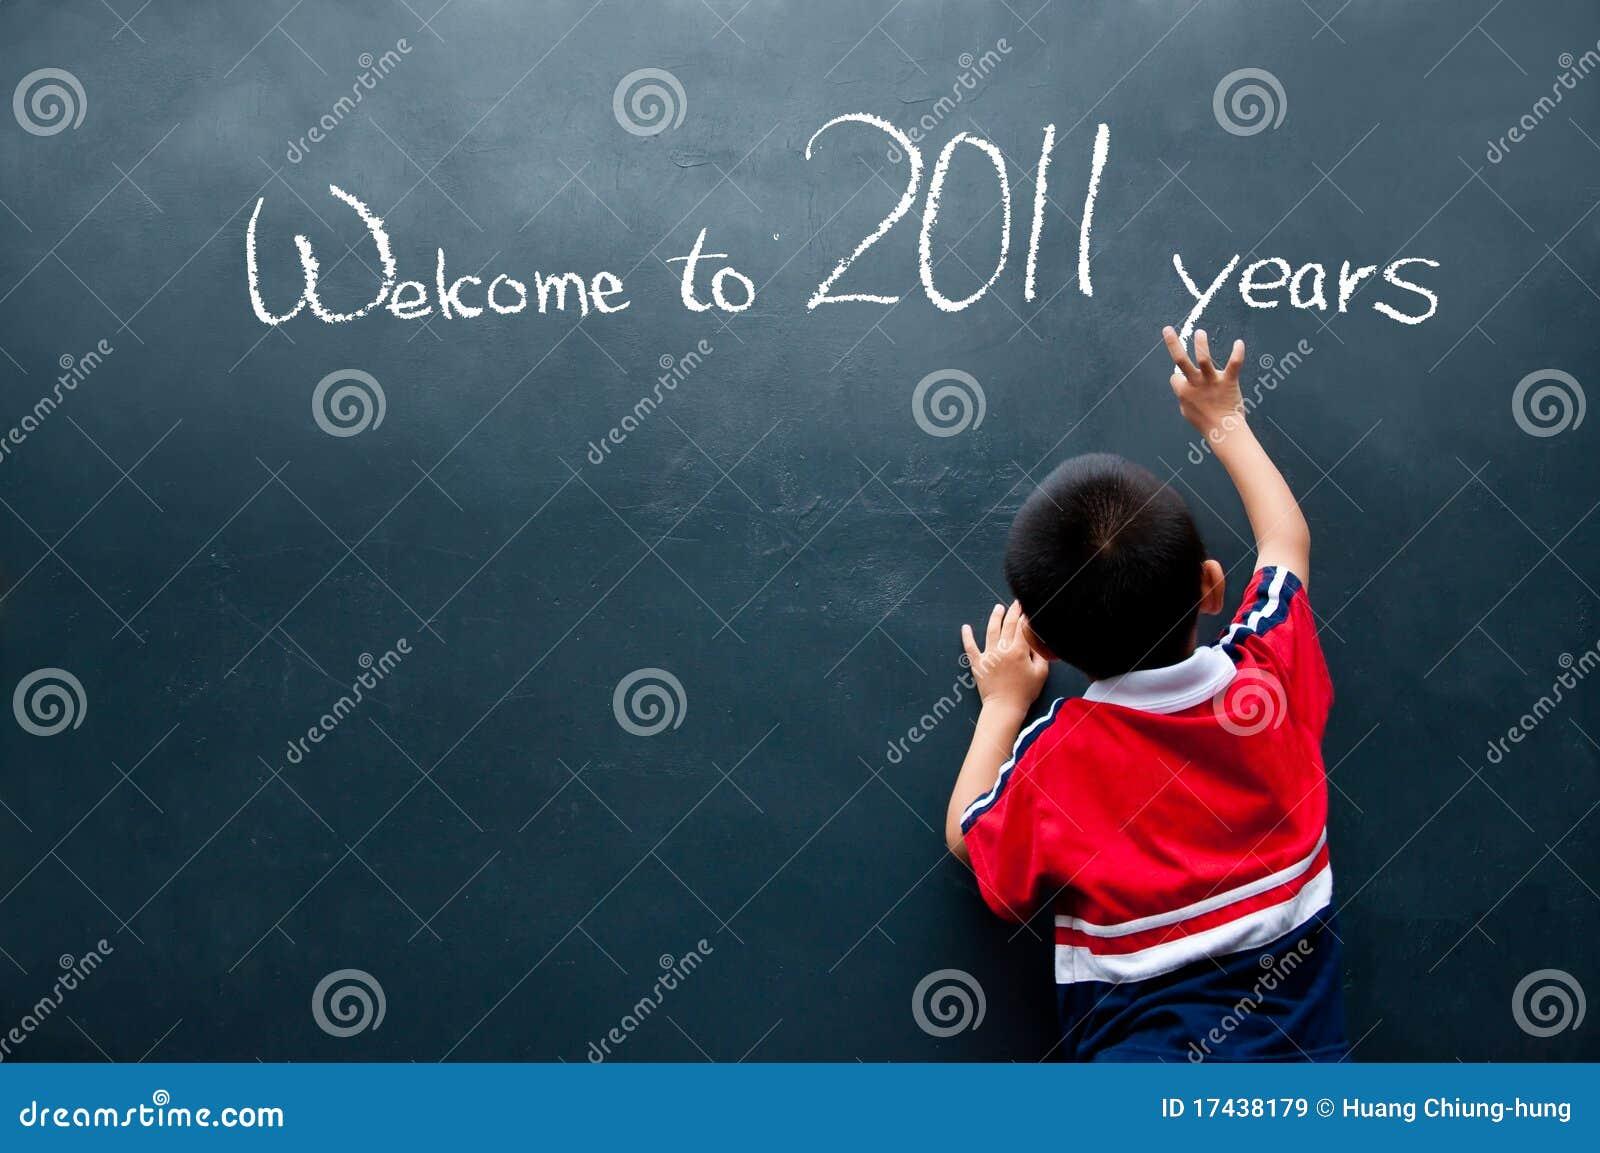 Willkommen zu 2011 Jahren